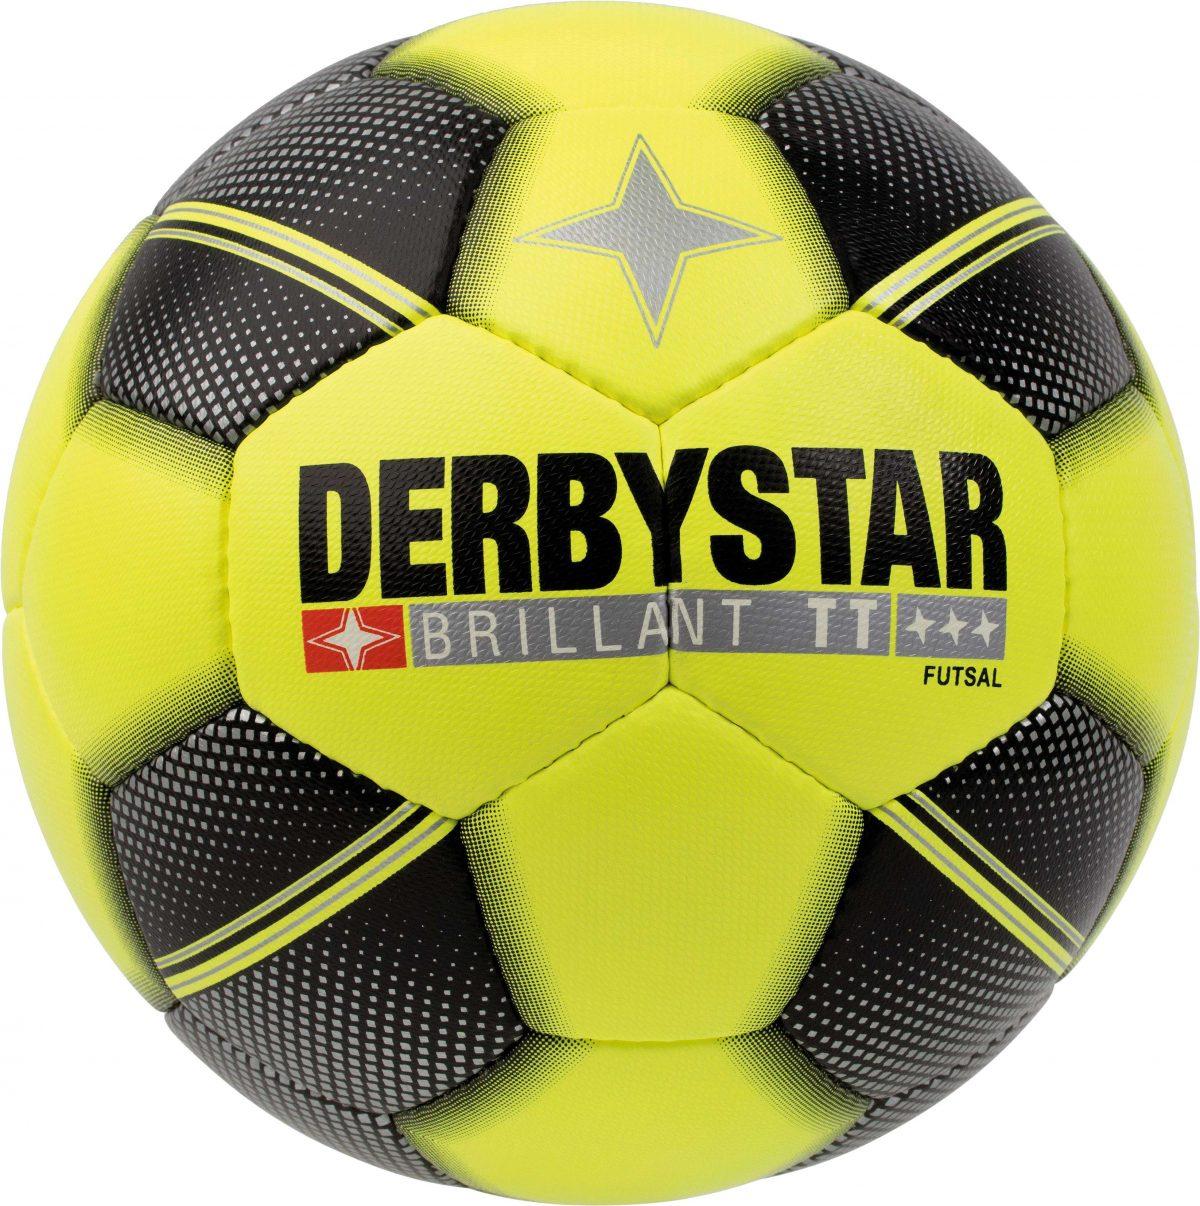 """Derbystar Futsalball """"Brillant TT"""" - Bälle - Derbystar"""